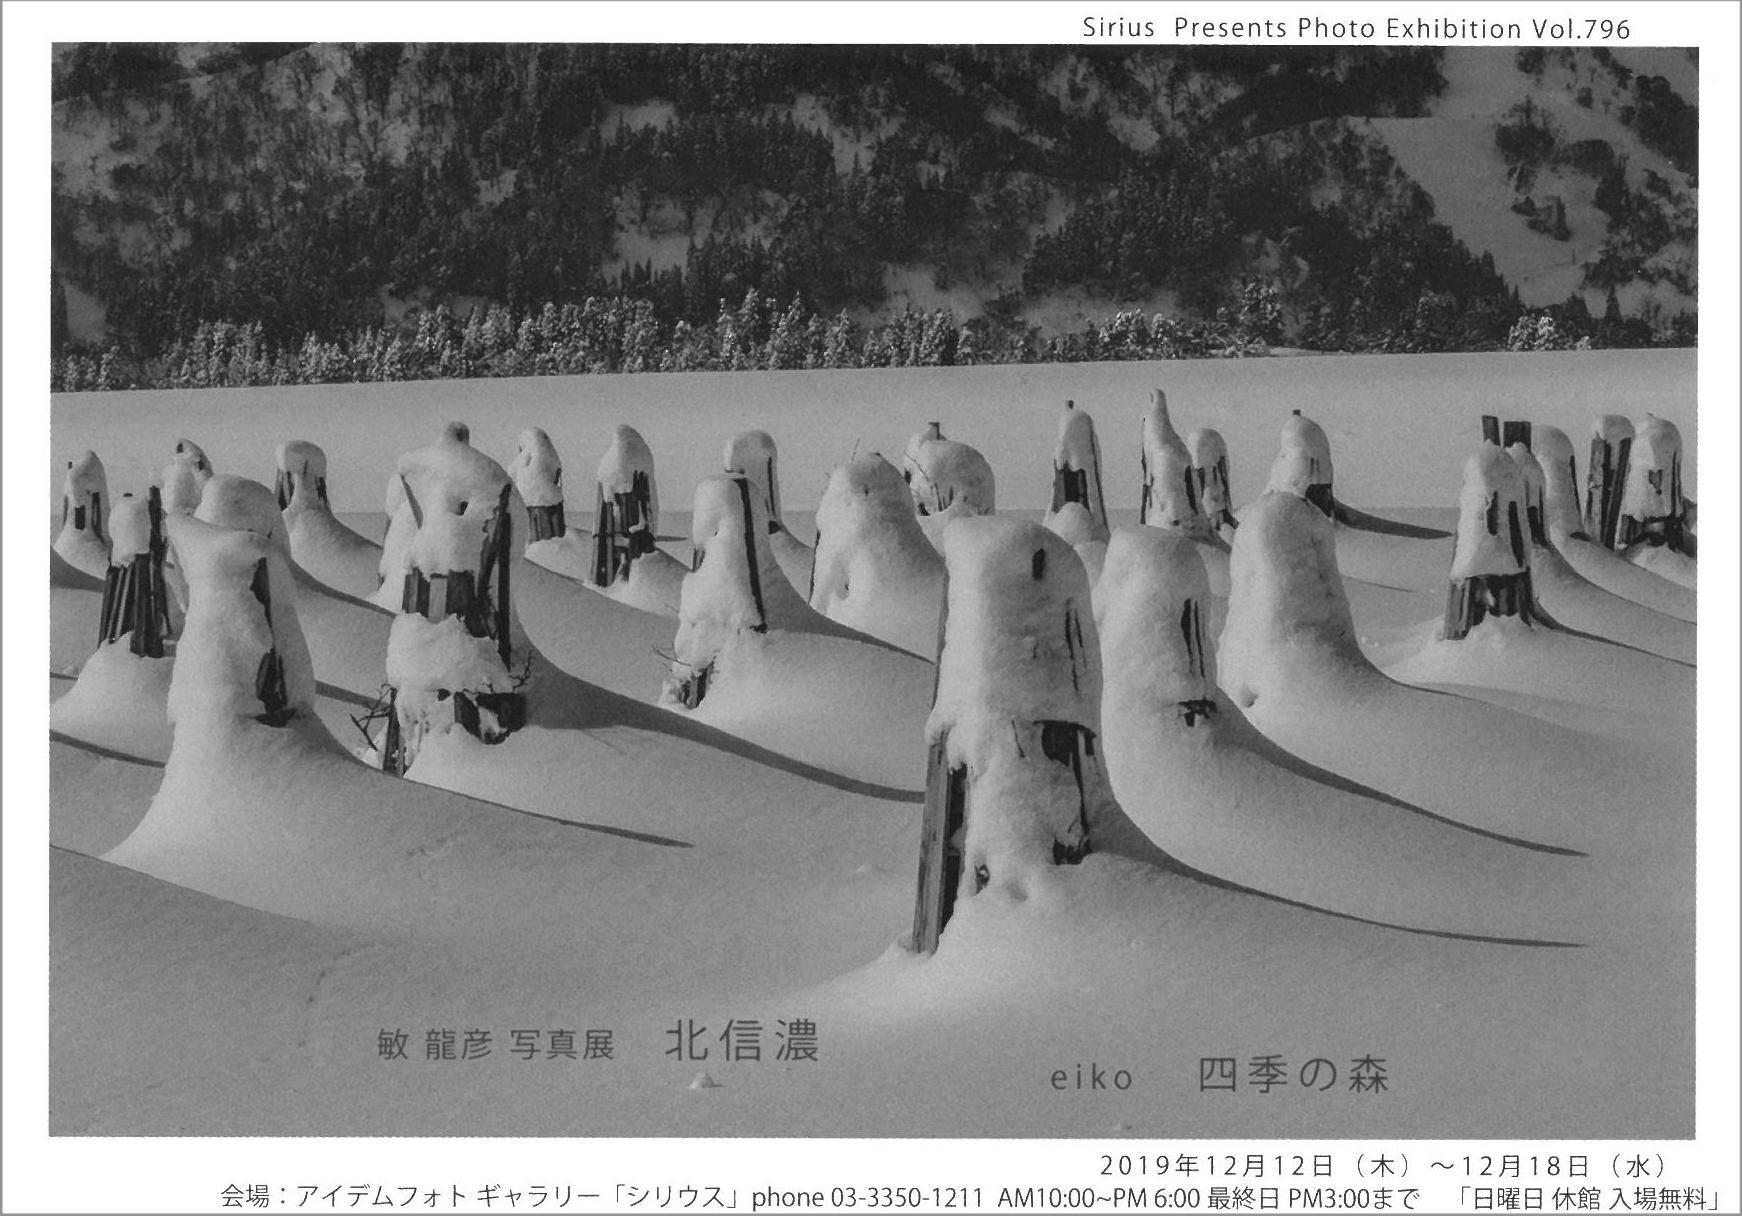 敏 龍彦写真展「北信濃」(東京)_c0142549_10273746.jpg